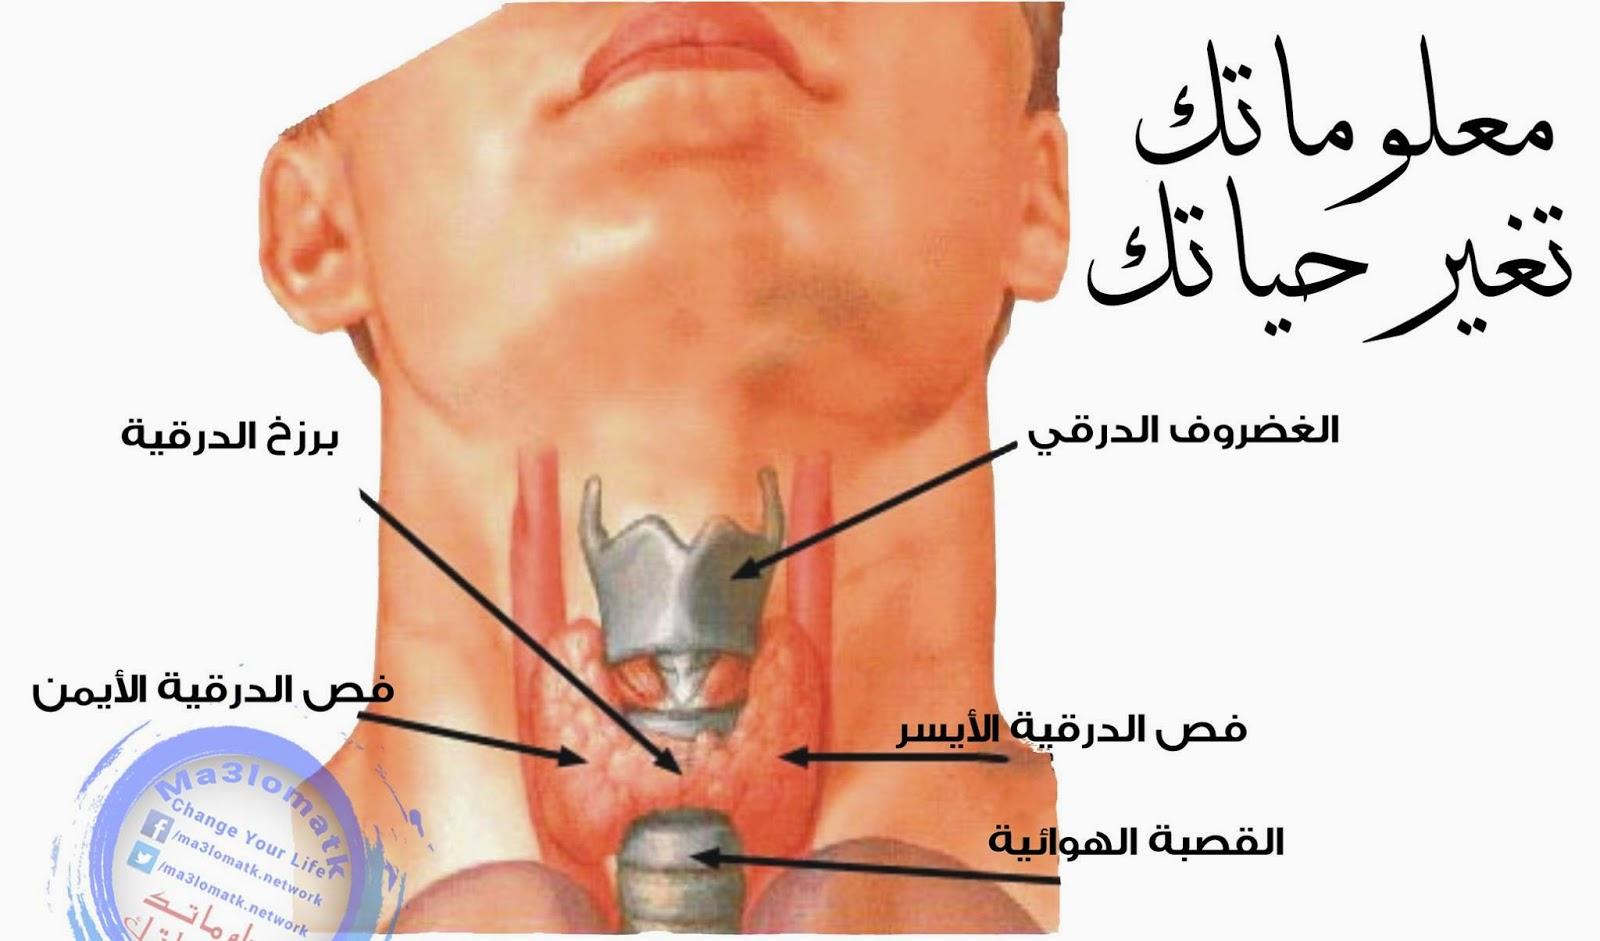 بالصور علاج الغدة الدرقية فعال 11033220 875287632536113 1565371530 o